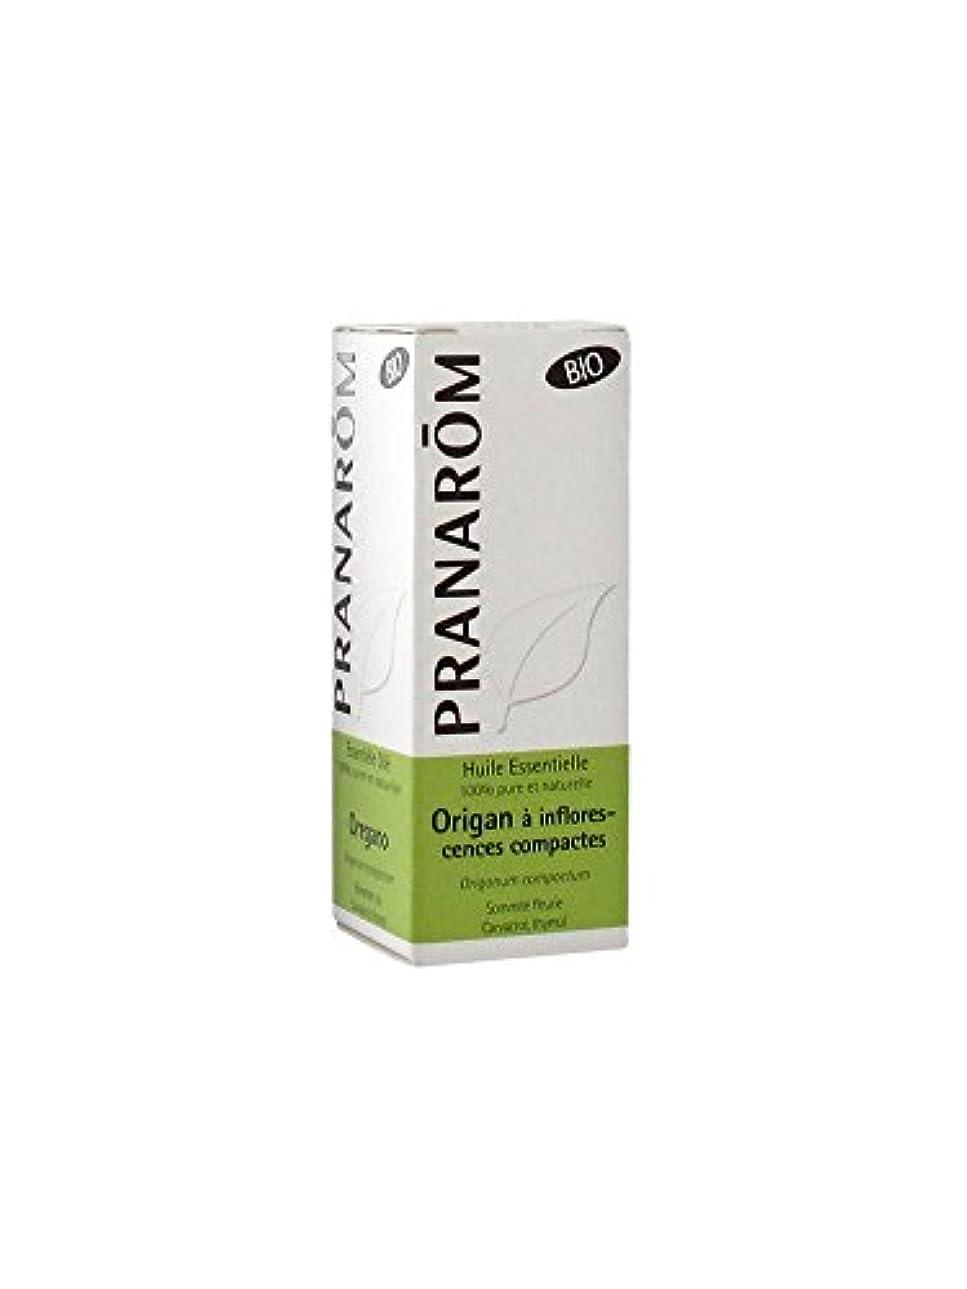 憂鬱な召喚するそっとプラナロム オレガノ BIO 10ml (PRANAROM ケモタイプ精油)[並行輸入品]